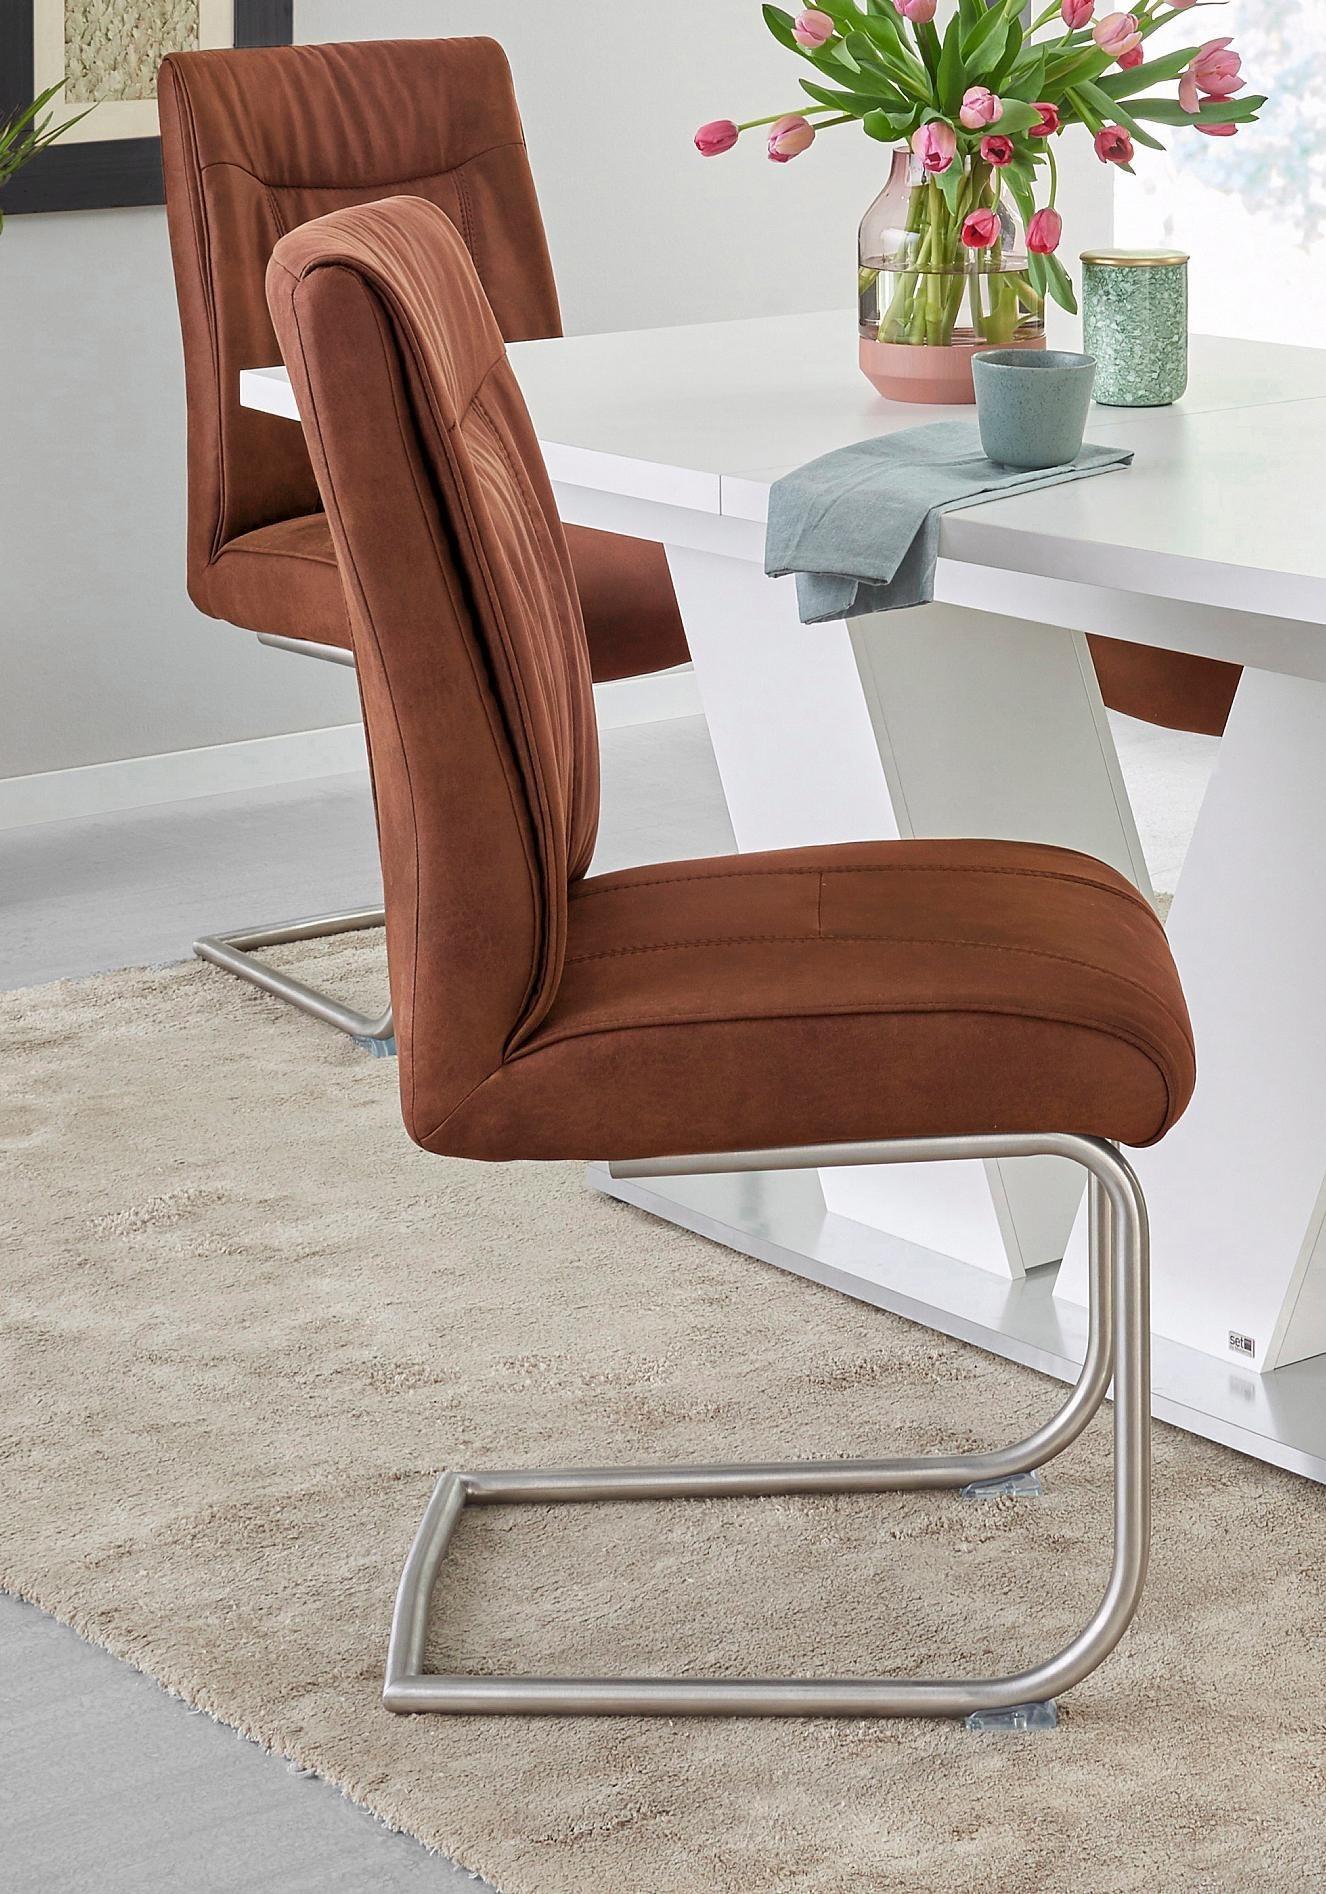 Set-One-By-Musterring Freischwinger online kaufen | Möbel ...